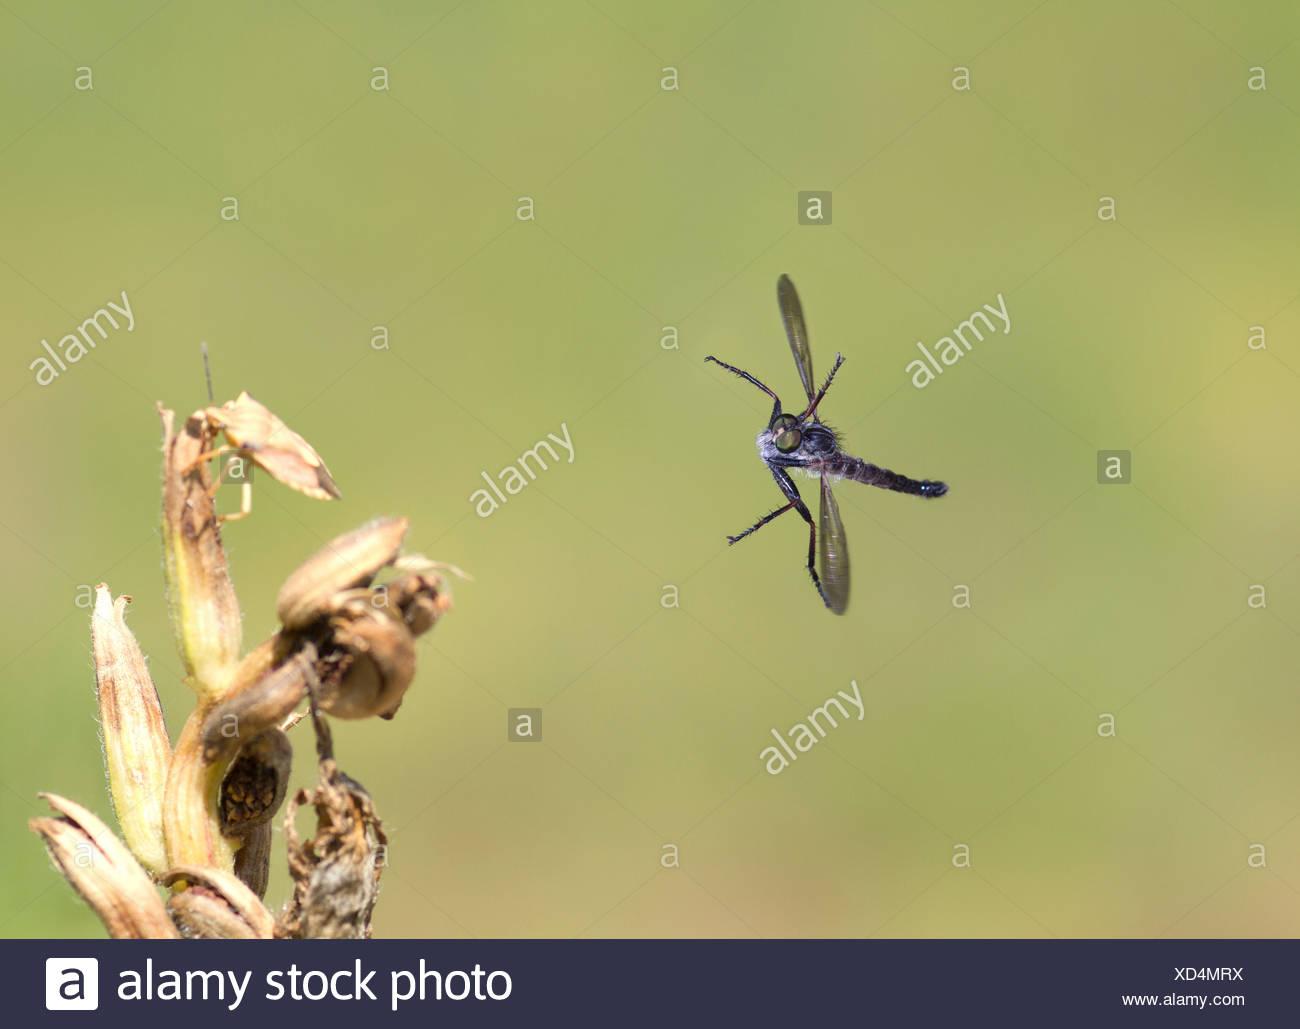 Common Awl Robberfly, Neoitamus cyanurus, in flight - Stock Image